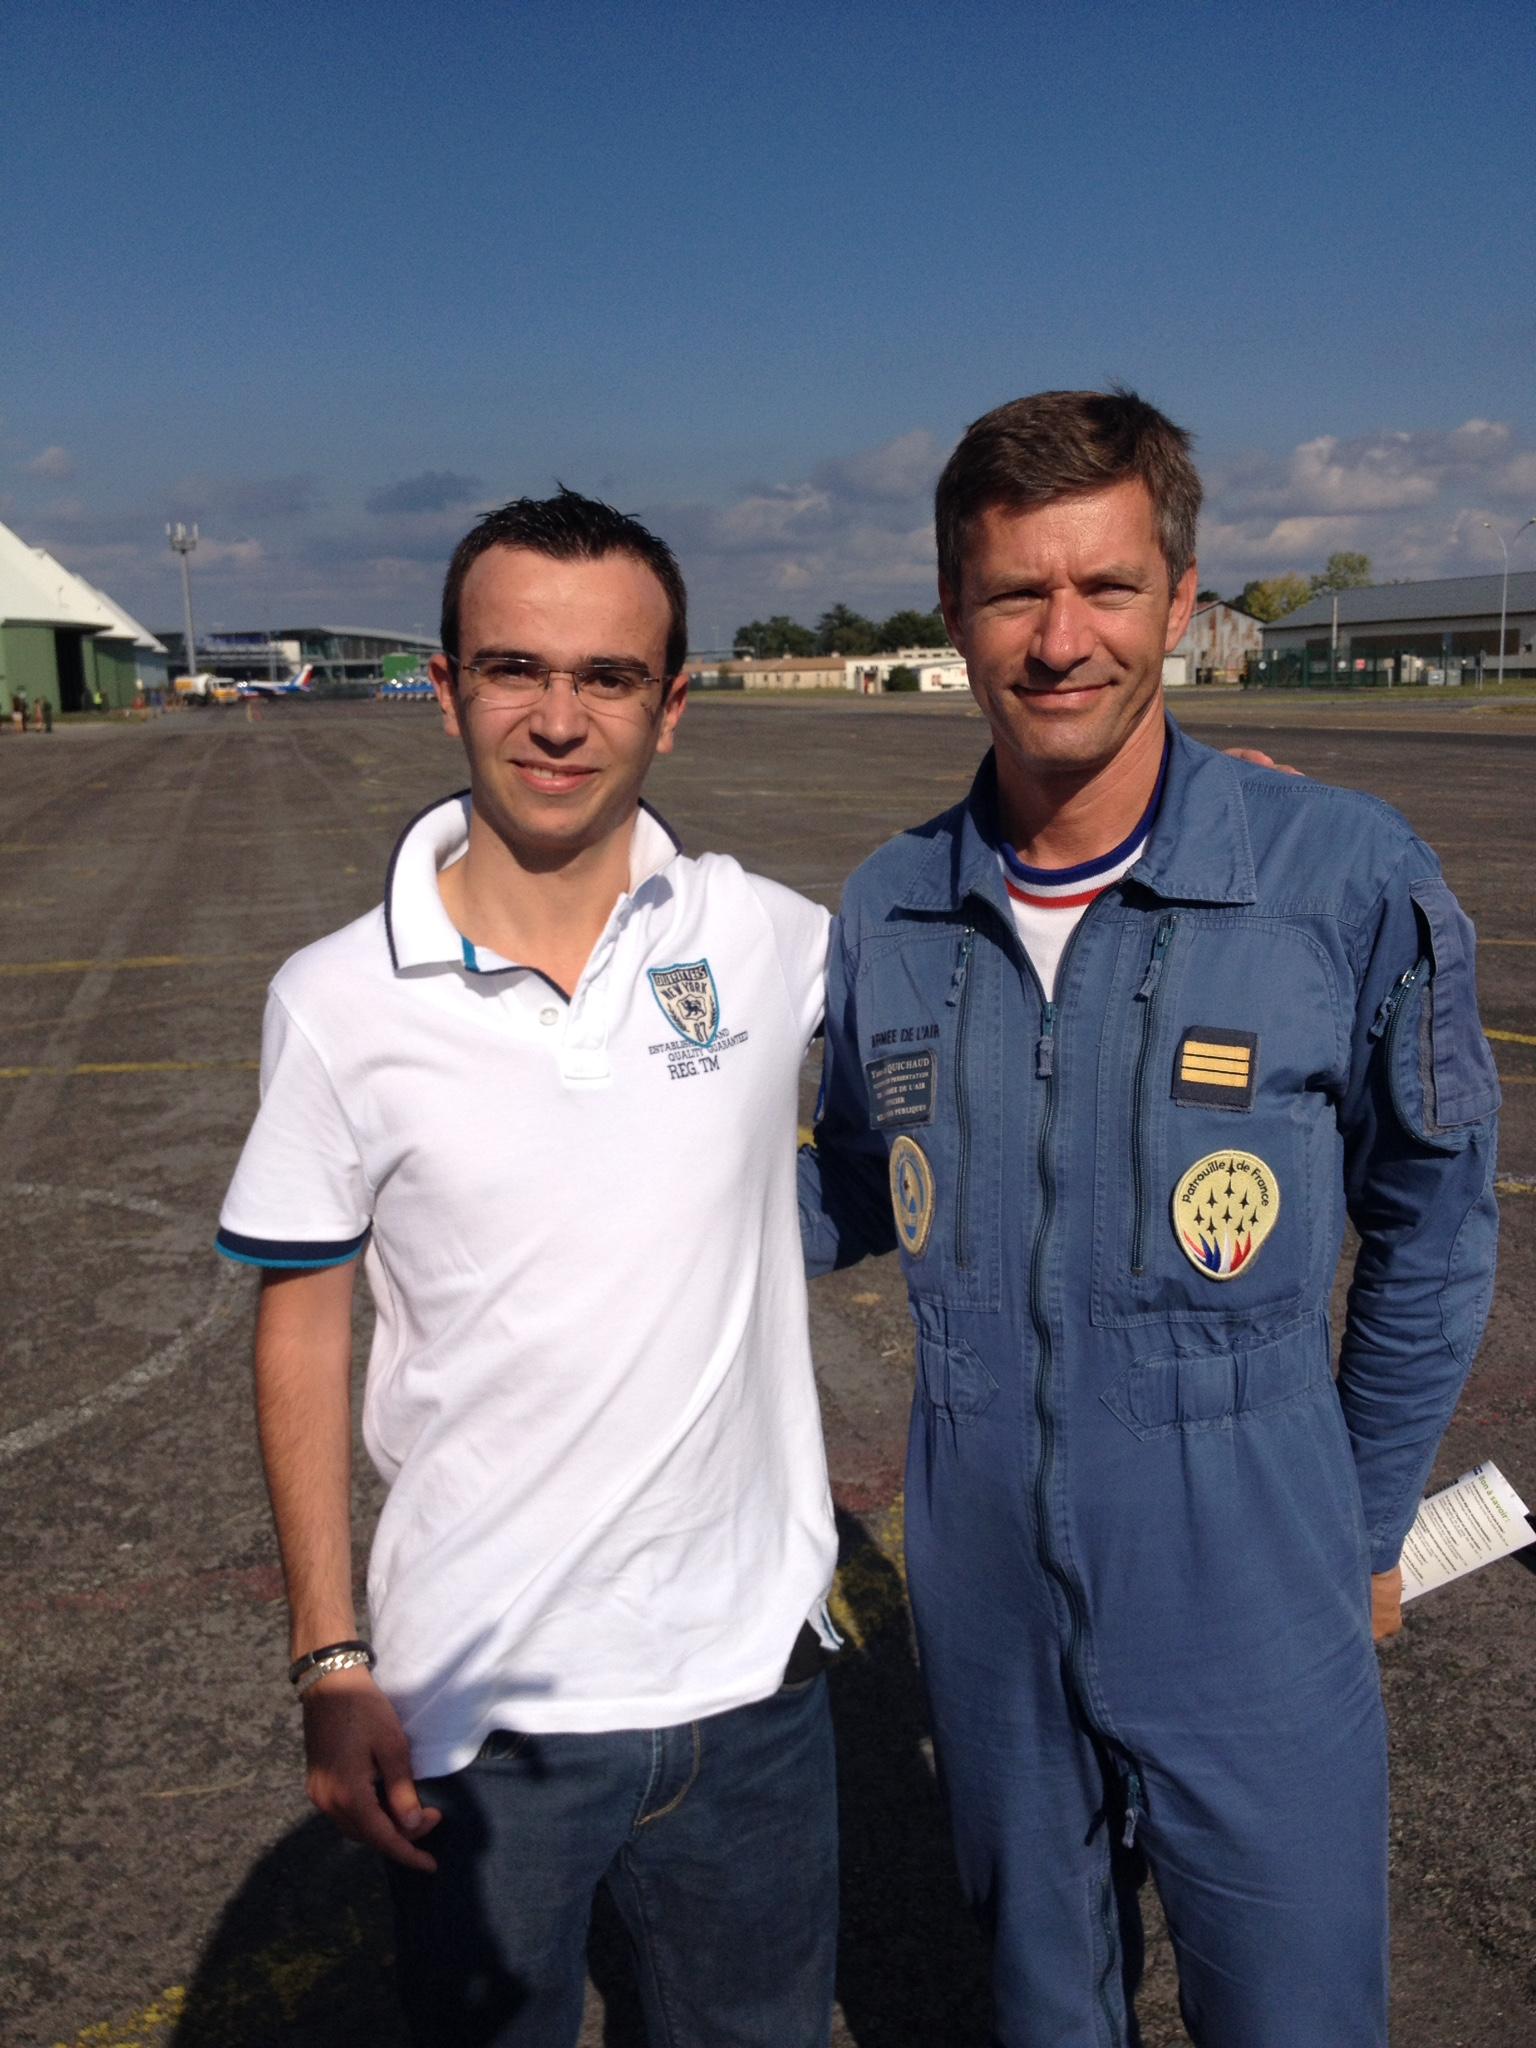 Pierre en compagnie d'un membre de la Patrouille de France